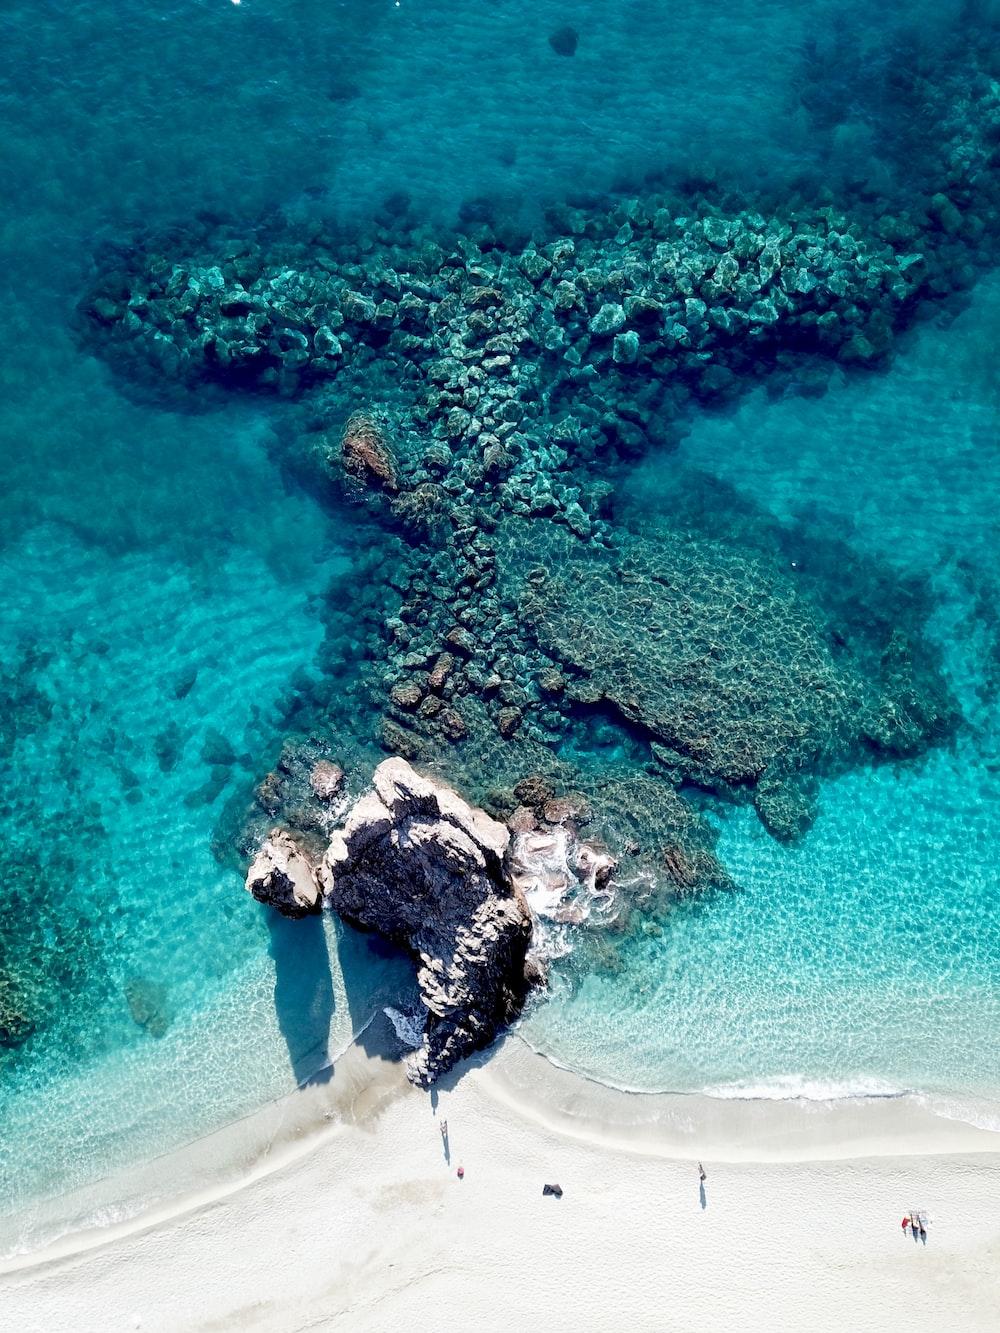 bird's eye view photography of white sand seashore